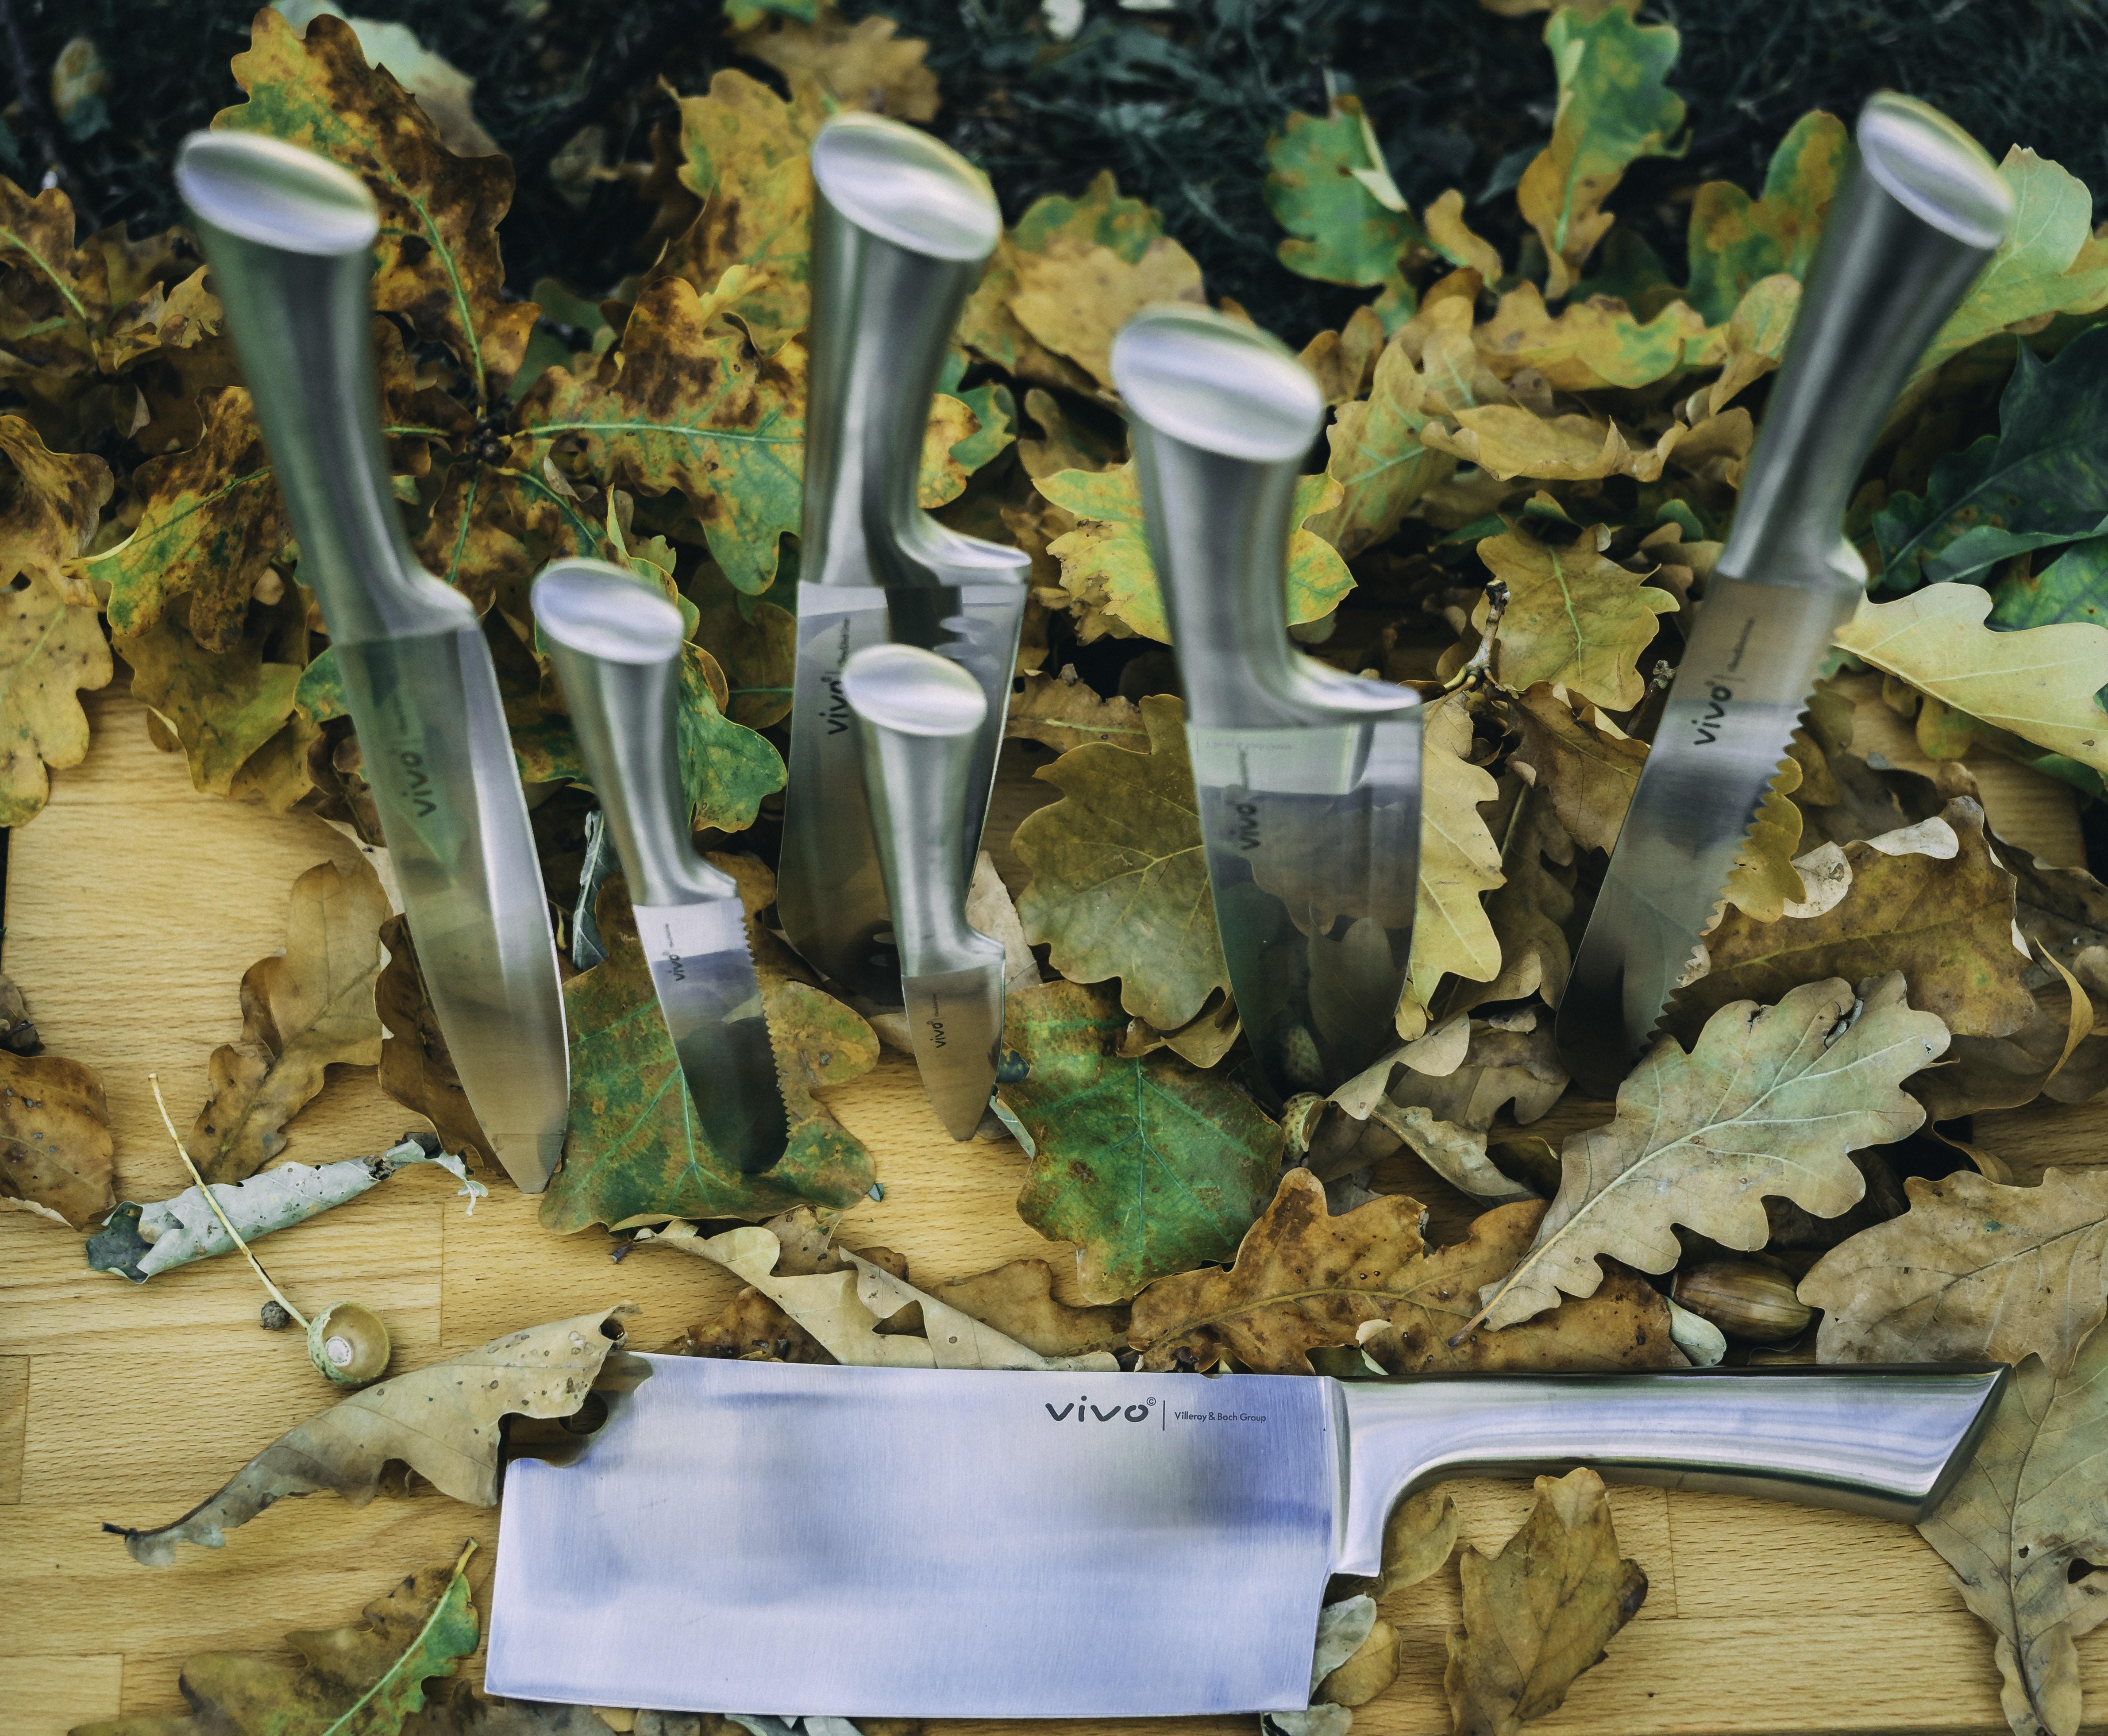 silver Vivo cutlery set